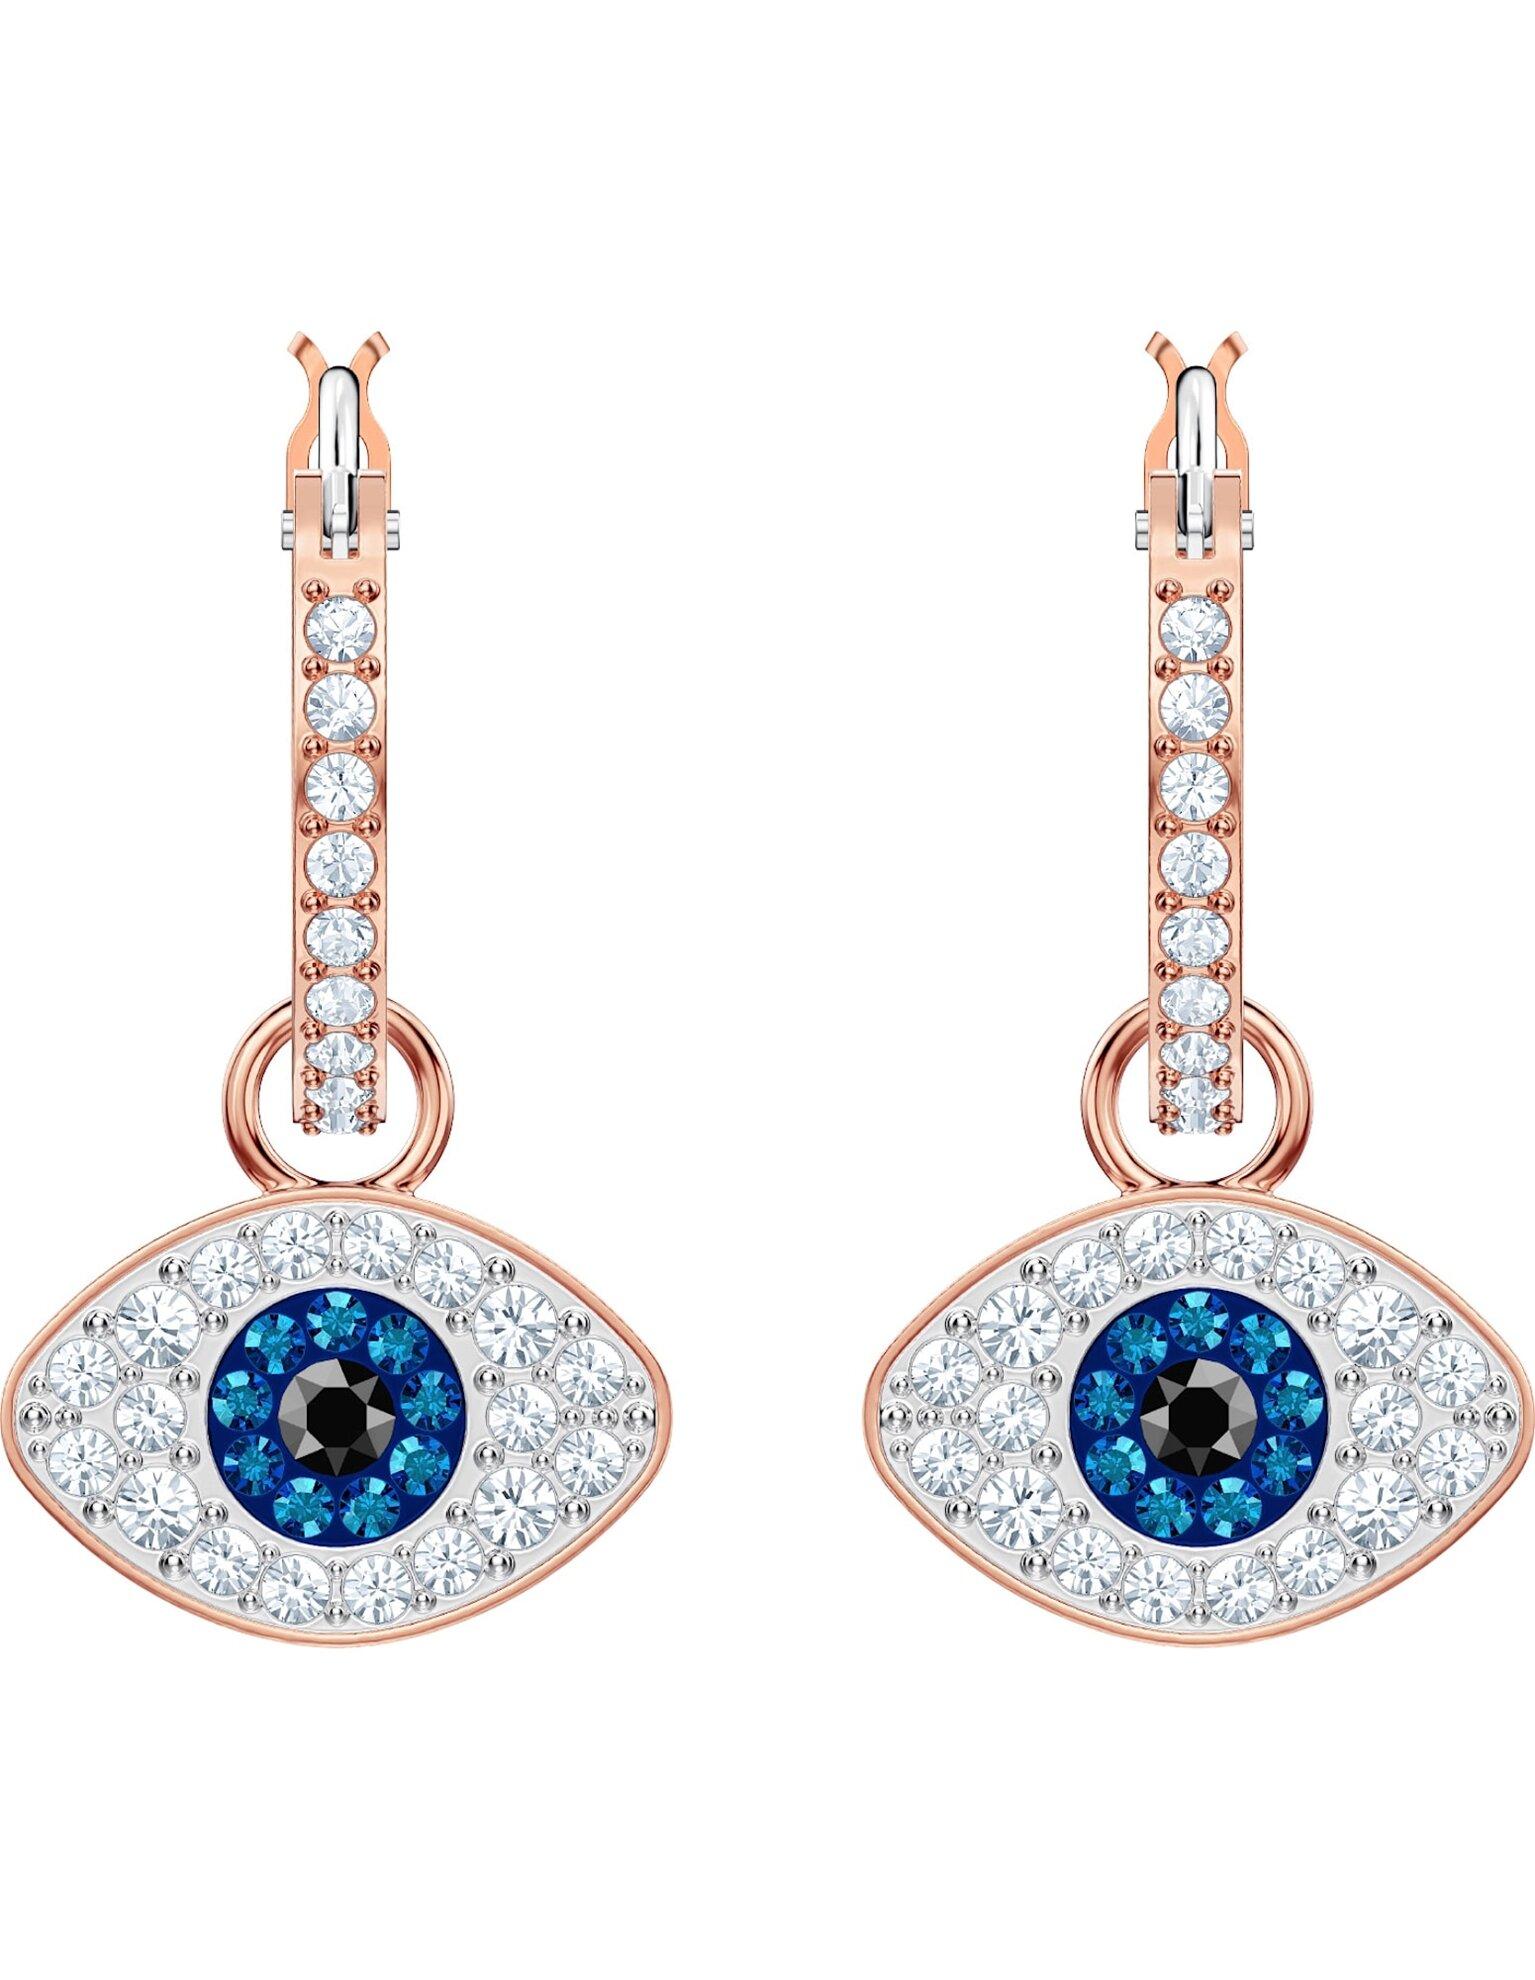 Picture of Swarovski Symbolic Evil Eye Halka Küpeler, Mavi, Pembe altın rengi kaplama